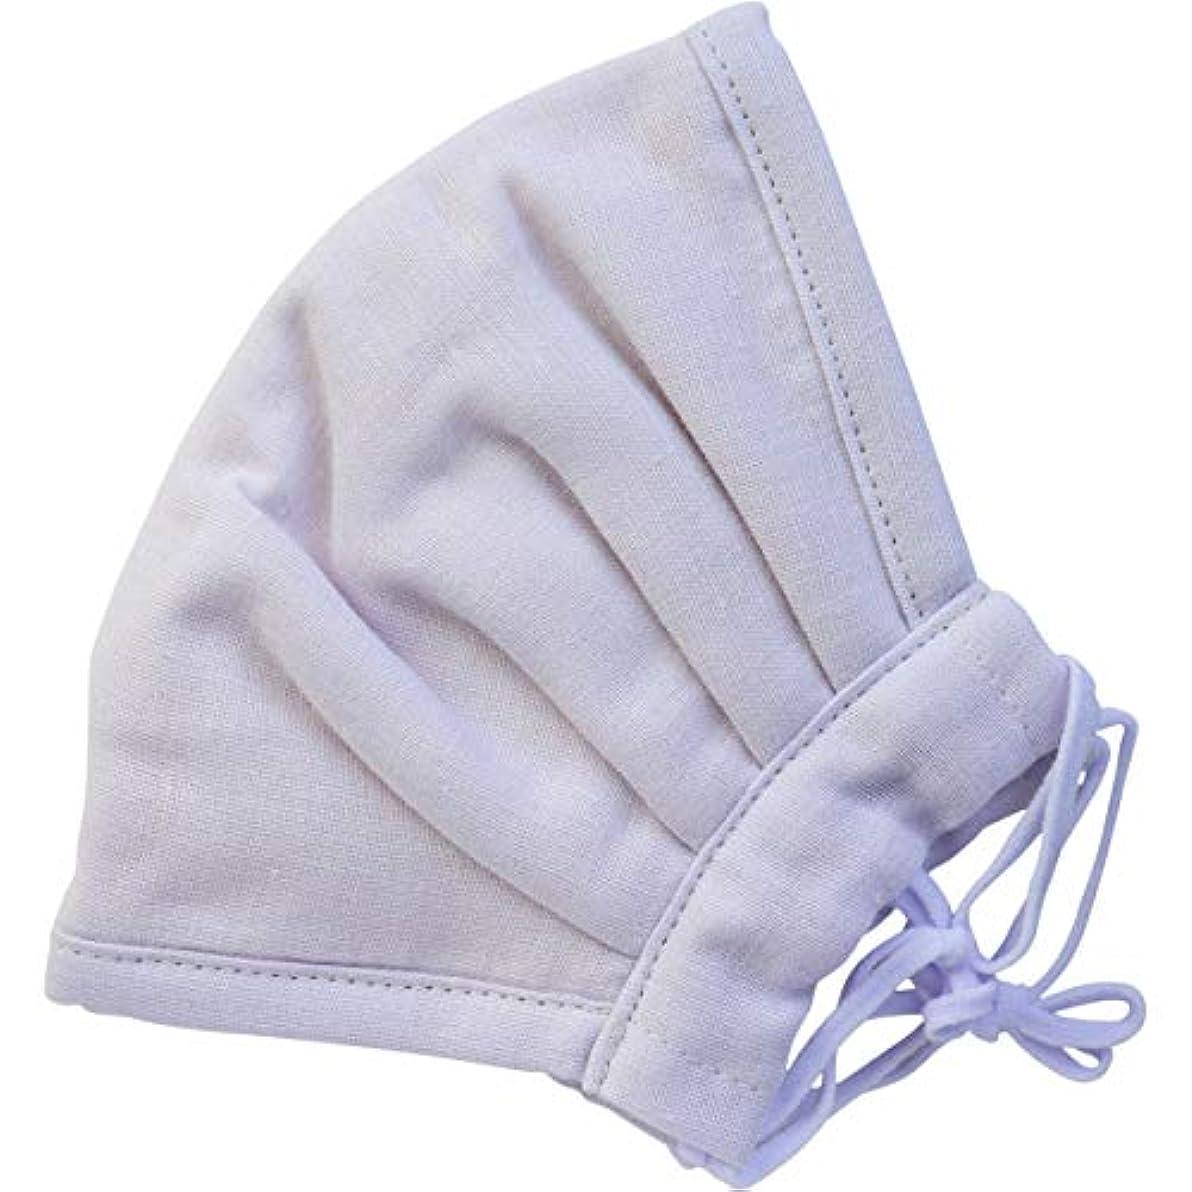 疫病交渉する宿命ふわふわマスク 今治産タオル 超敏感肌用 パープル ゆったり大きめサイズ 1枚入×10個セット